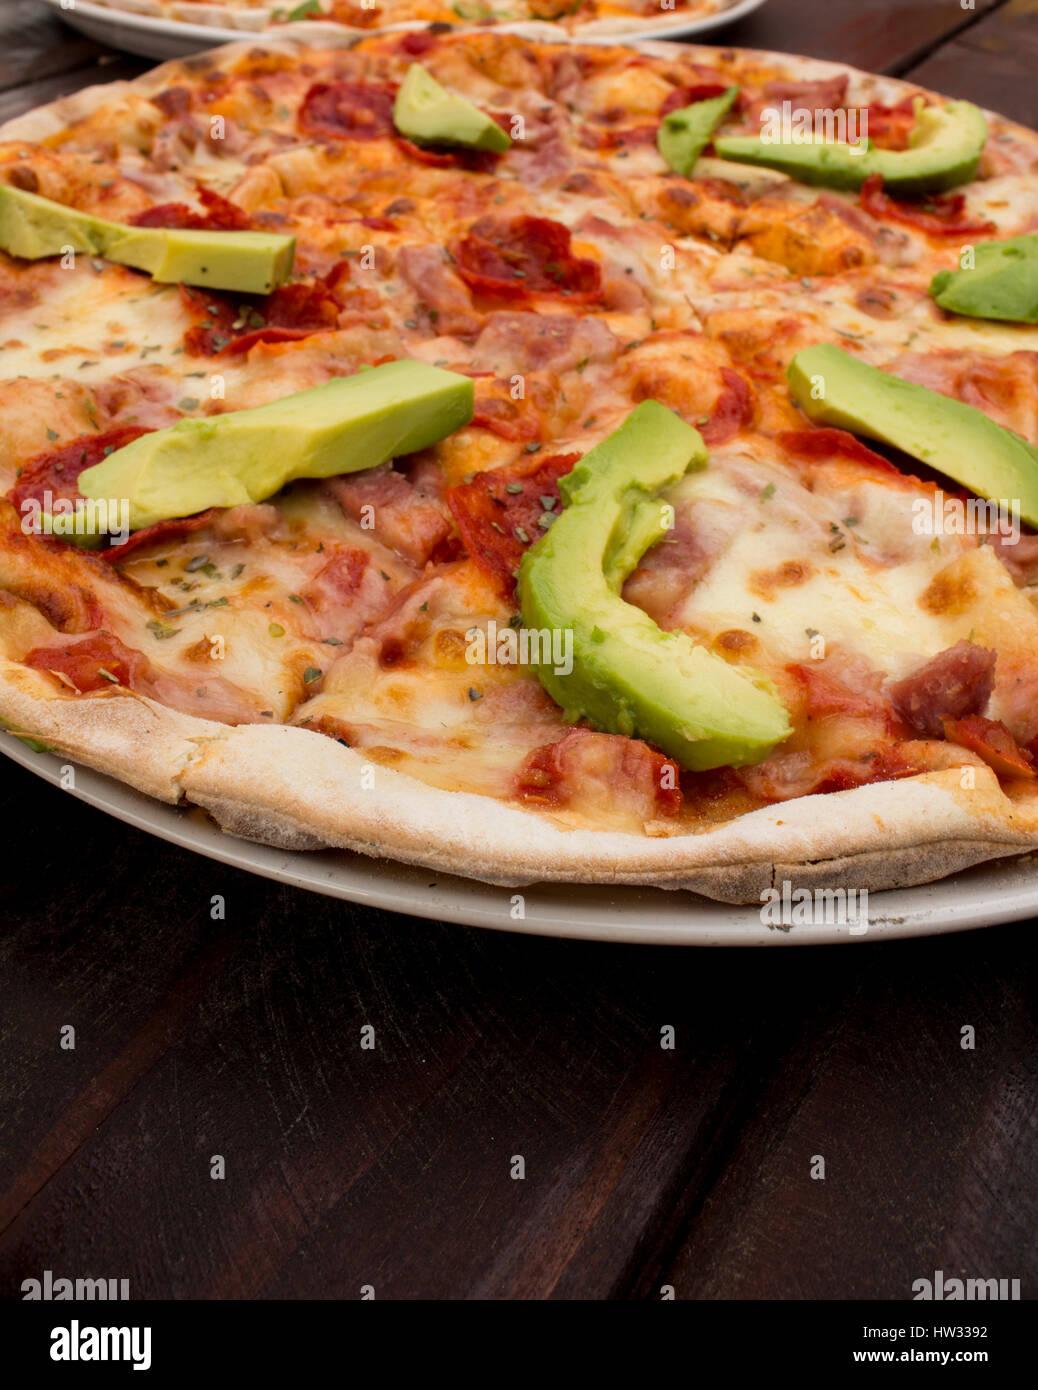 Pizza auf dunklen hölzernen Tischplatte mit frischen Zutaten Stockbild